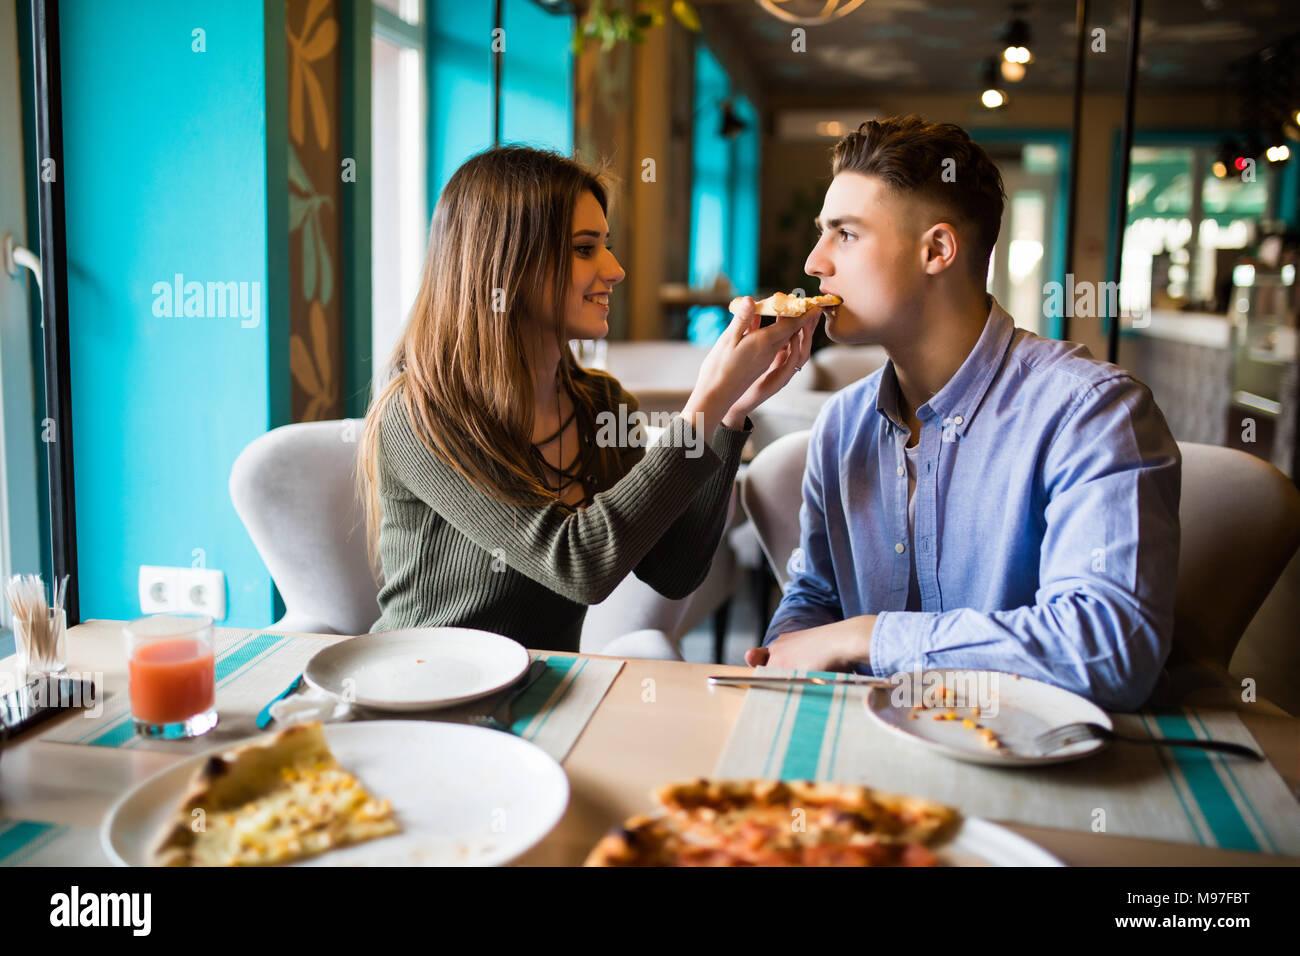 Citas en una pizzería. Guapo sonriente pareja disfrutando en la pizza, divirtiéndonos juntos. El consumismo, la comida, el concepto de estilo de vida Imagen De Stock